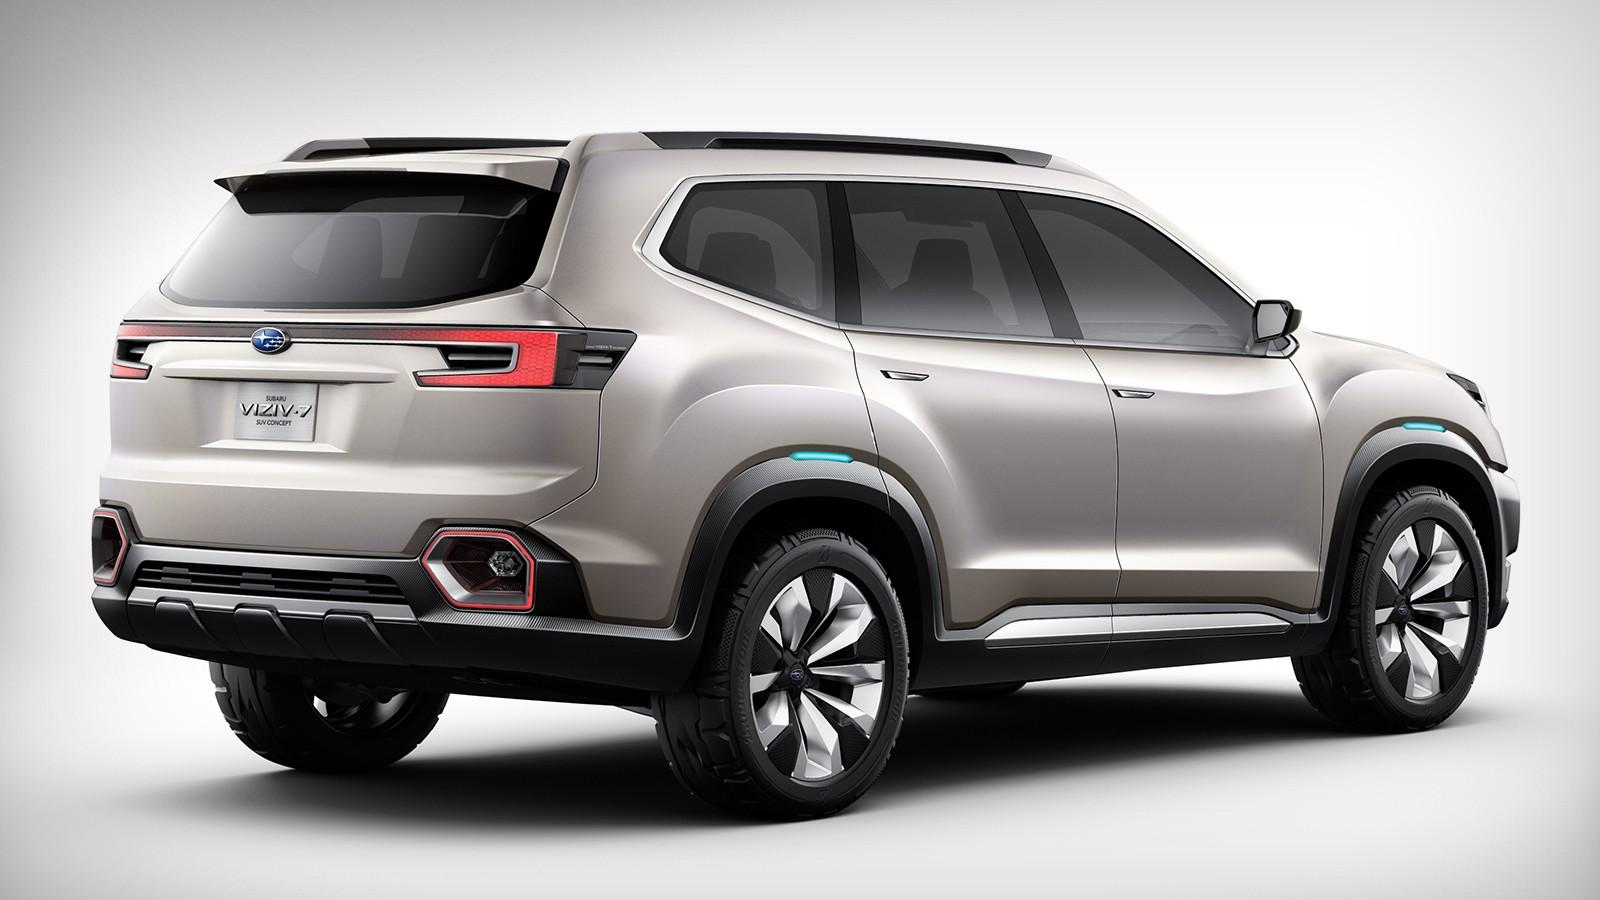 На фото: Subaru Viziv-7 SUV Concept